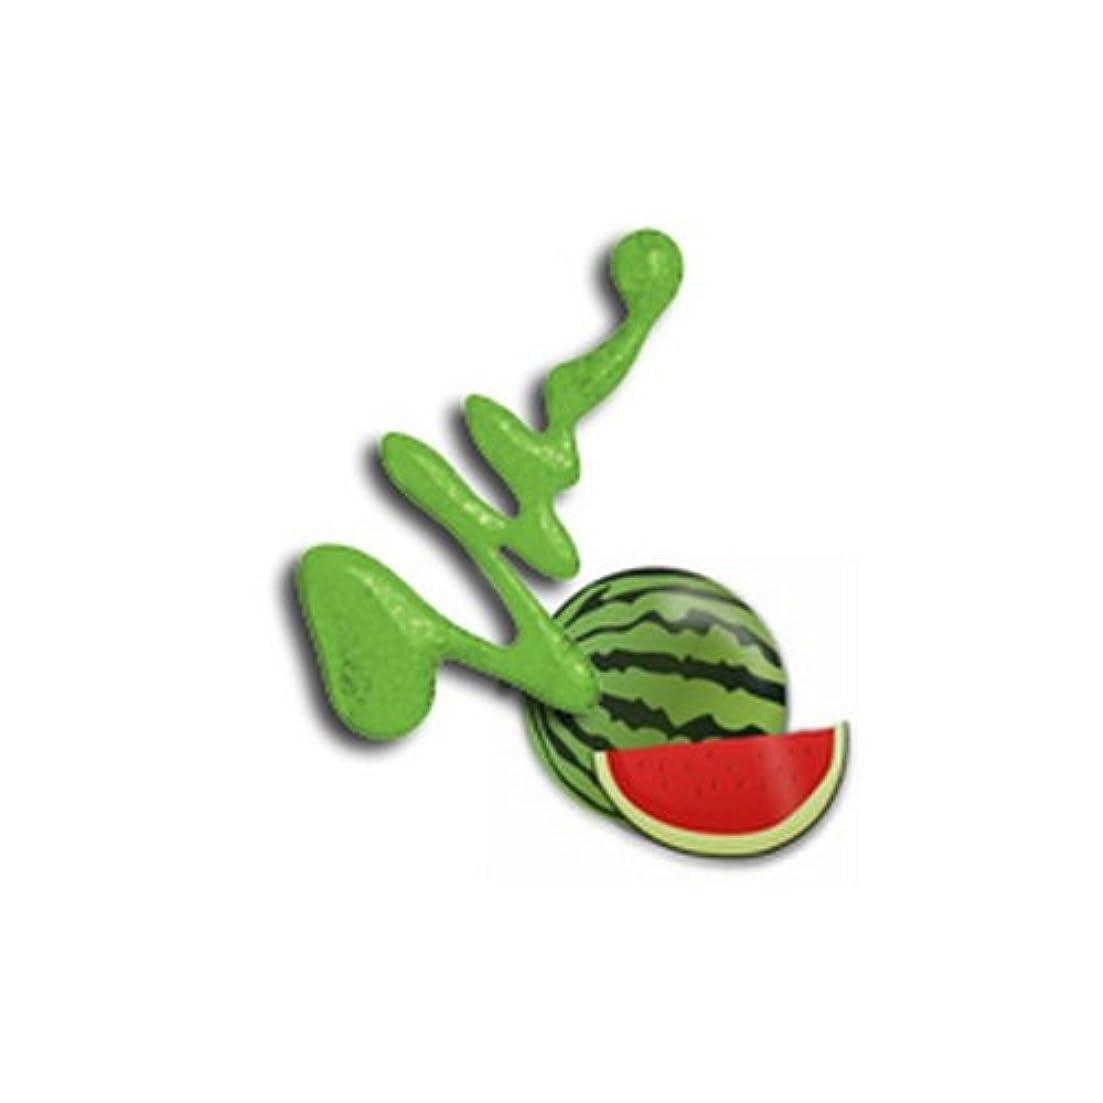 キャンパスガラスきゅうり(3 Pack) LA GIRL Fruity Scented Nail Polish - Watermelon Splash (並行輸入品)